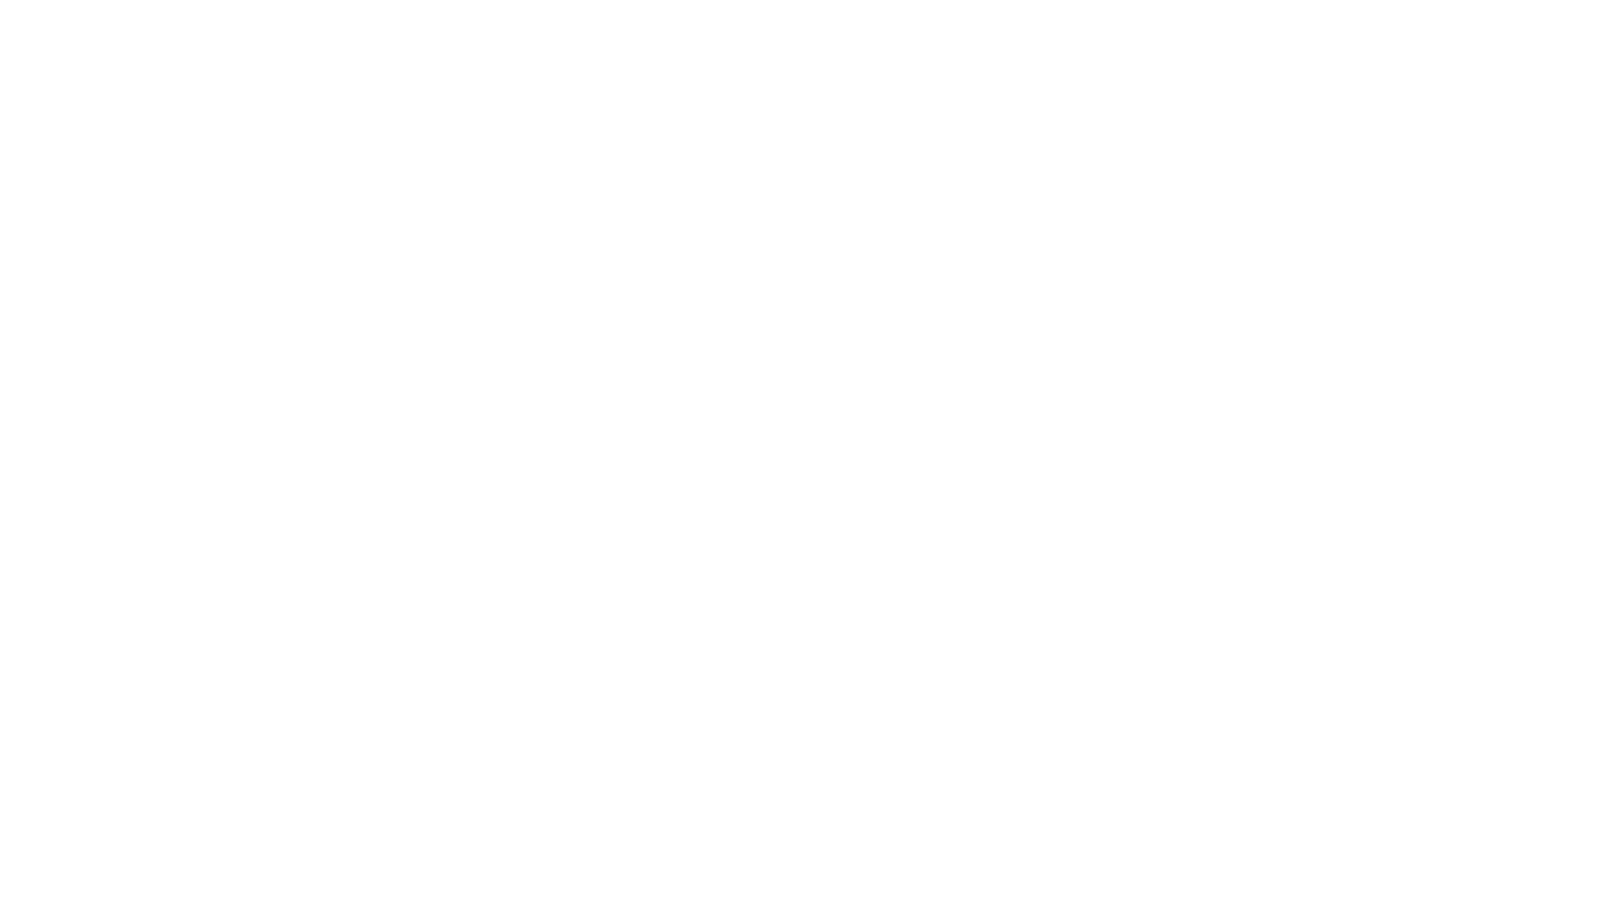 Բերկրի գաստրո բակը այդպես է կոչվում Արևմտյան Հայաստանի Վանի գյուղերից մեկի անունով։ Այդտեղից են ծնունդով Դավիթն ու իր ընտանիքը։  Մնացածը կարող եք դիտել վլոգի մեջ։ Մի տոննա ժպտալու առիթ կա էստեղ։  Հետևեք ճամփորդություններիս նաև ↧ 💫  INSTAGRAM↣ https://www.instagram.com/_sira_verse... FACEBOOK↣https://www.facebook.com/siraverse/ WEBSITE↣https://siraverse.com/hy/  Համագործակցության համար ↧  📩info@siraverse.com 📩siraverse@gmail.com